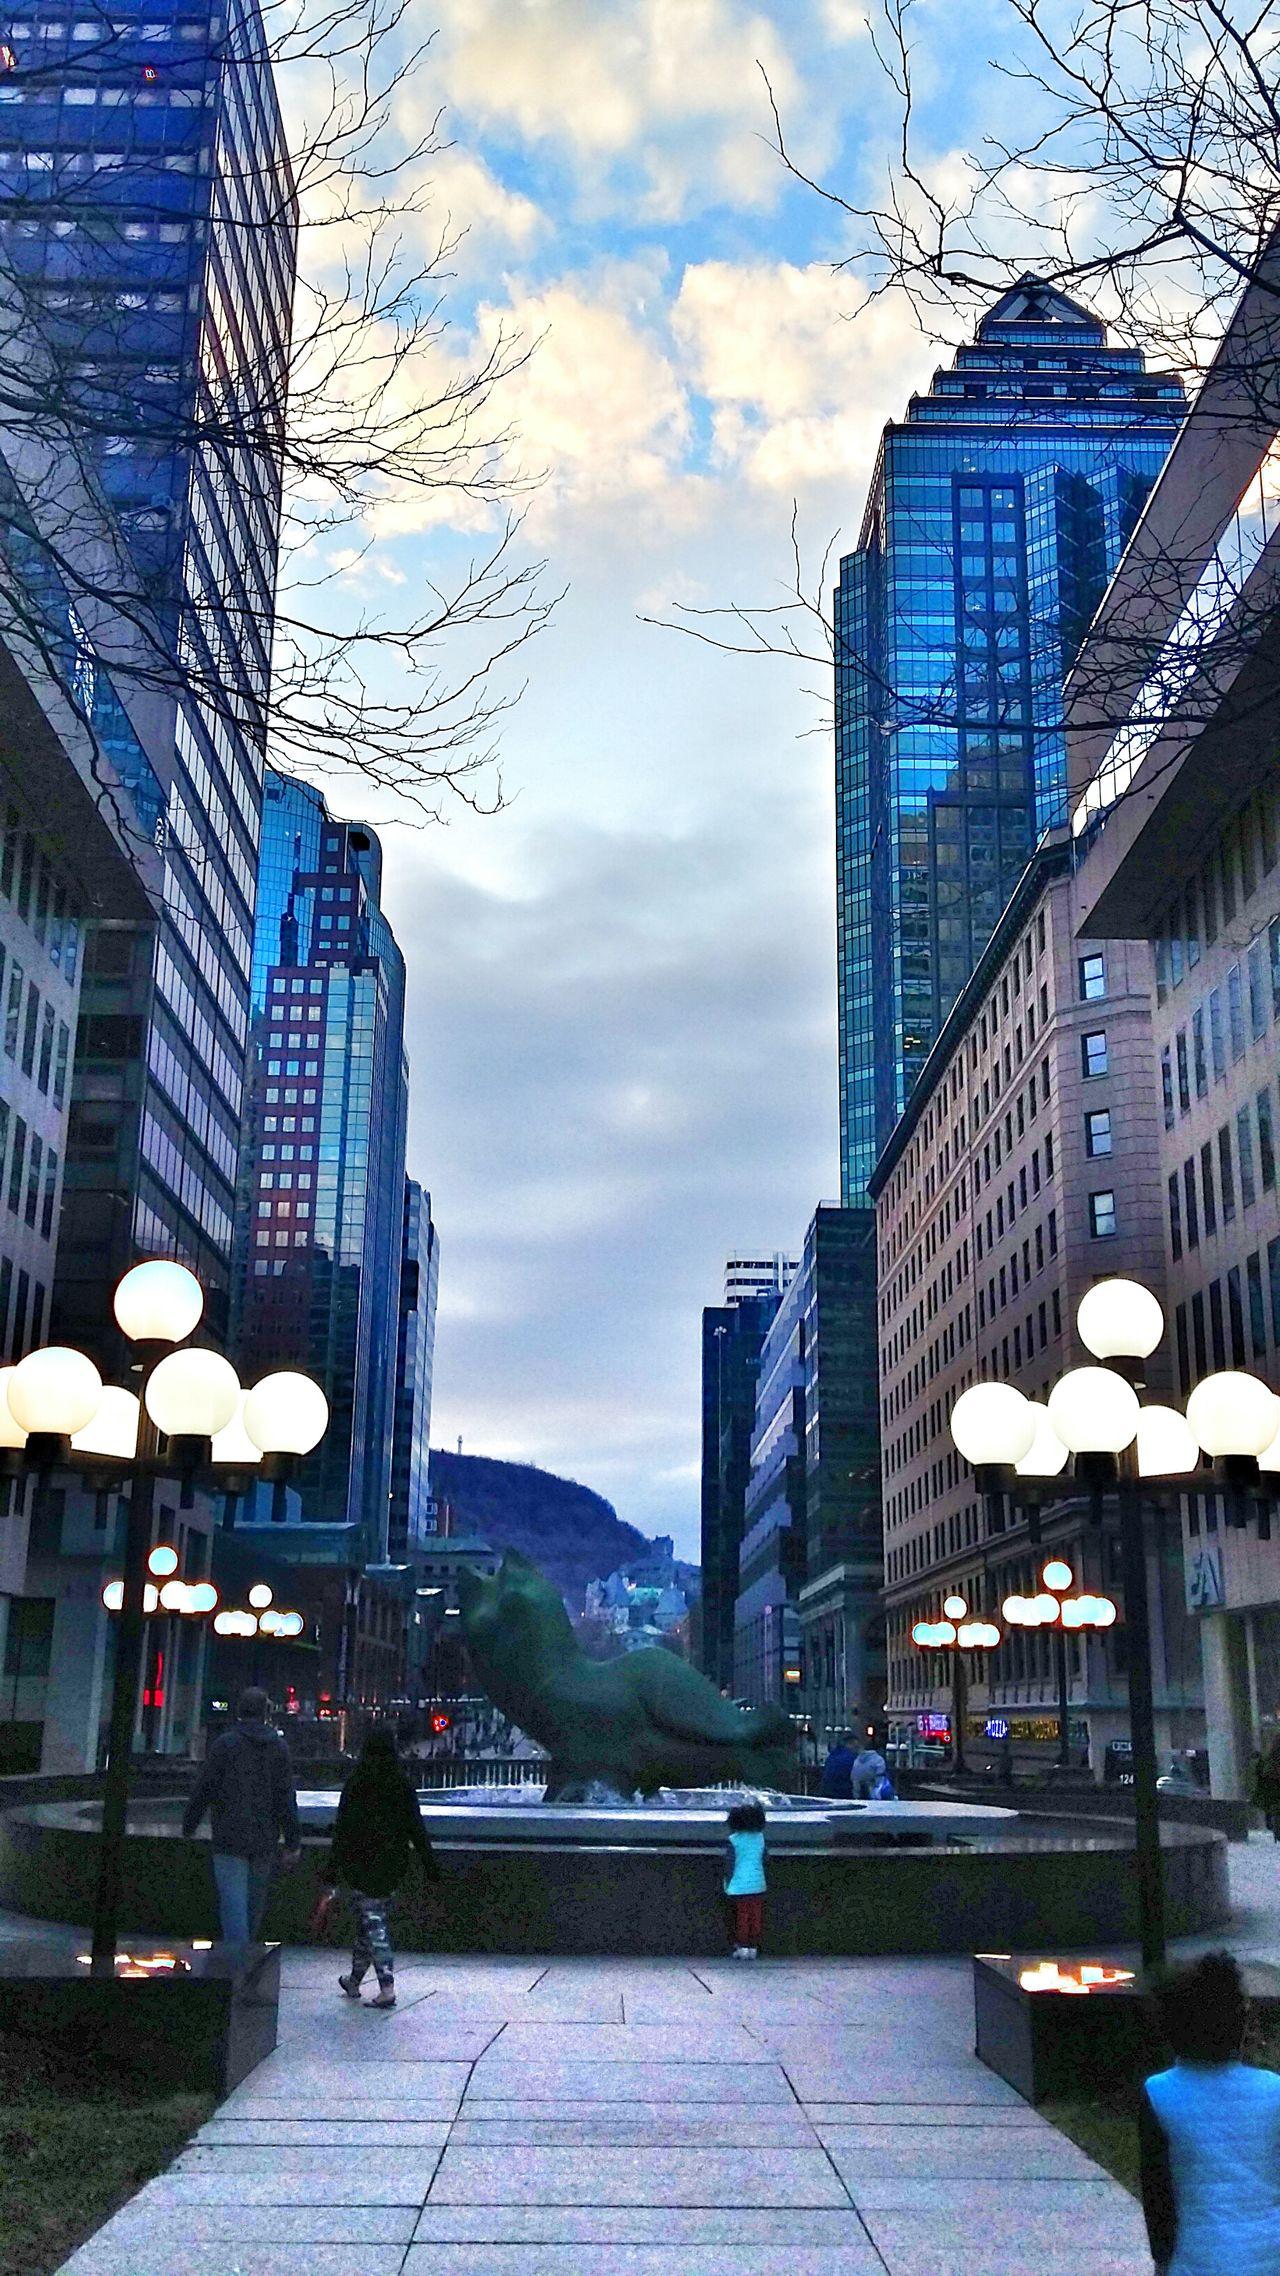 Eyeemphotography Eyeem Canada Eyeem Montreal Eyemphotography Eyem Gallery Lights Buildings Buildings & Sky Statue People Photography People Walking  People Watching Welcome To Black